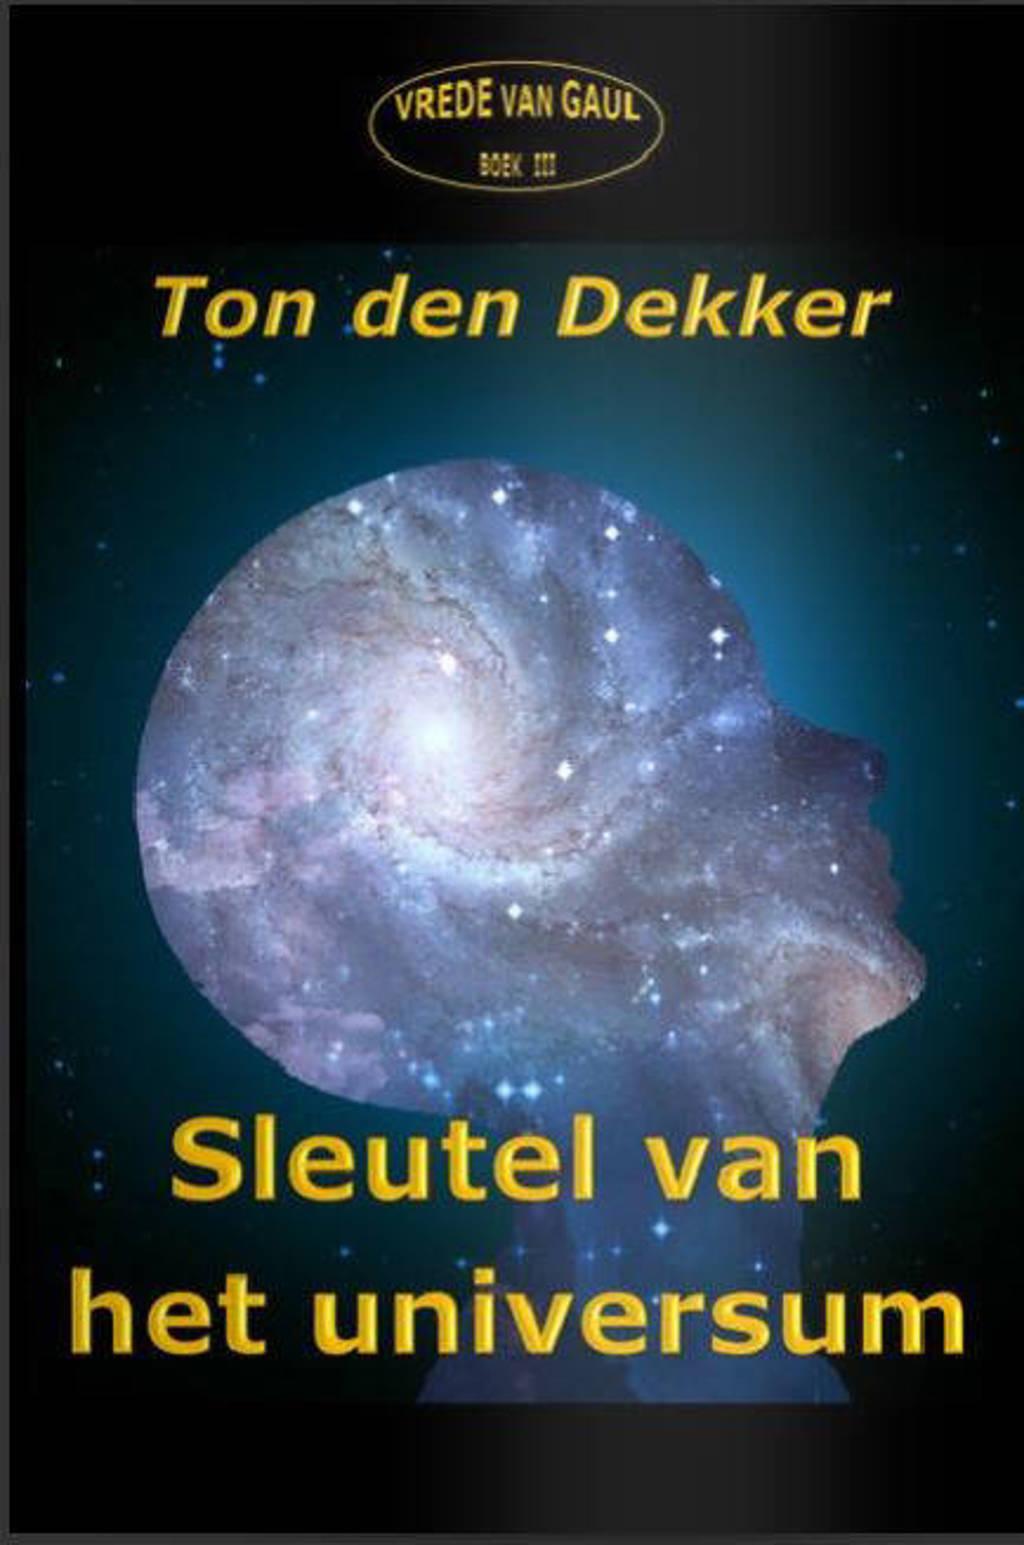 Sleutel van het universum - Ton den Dekker